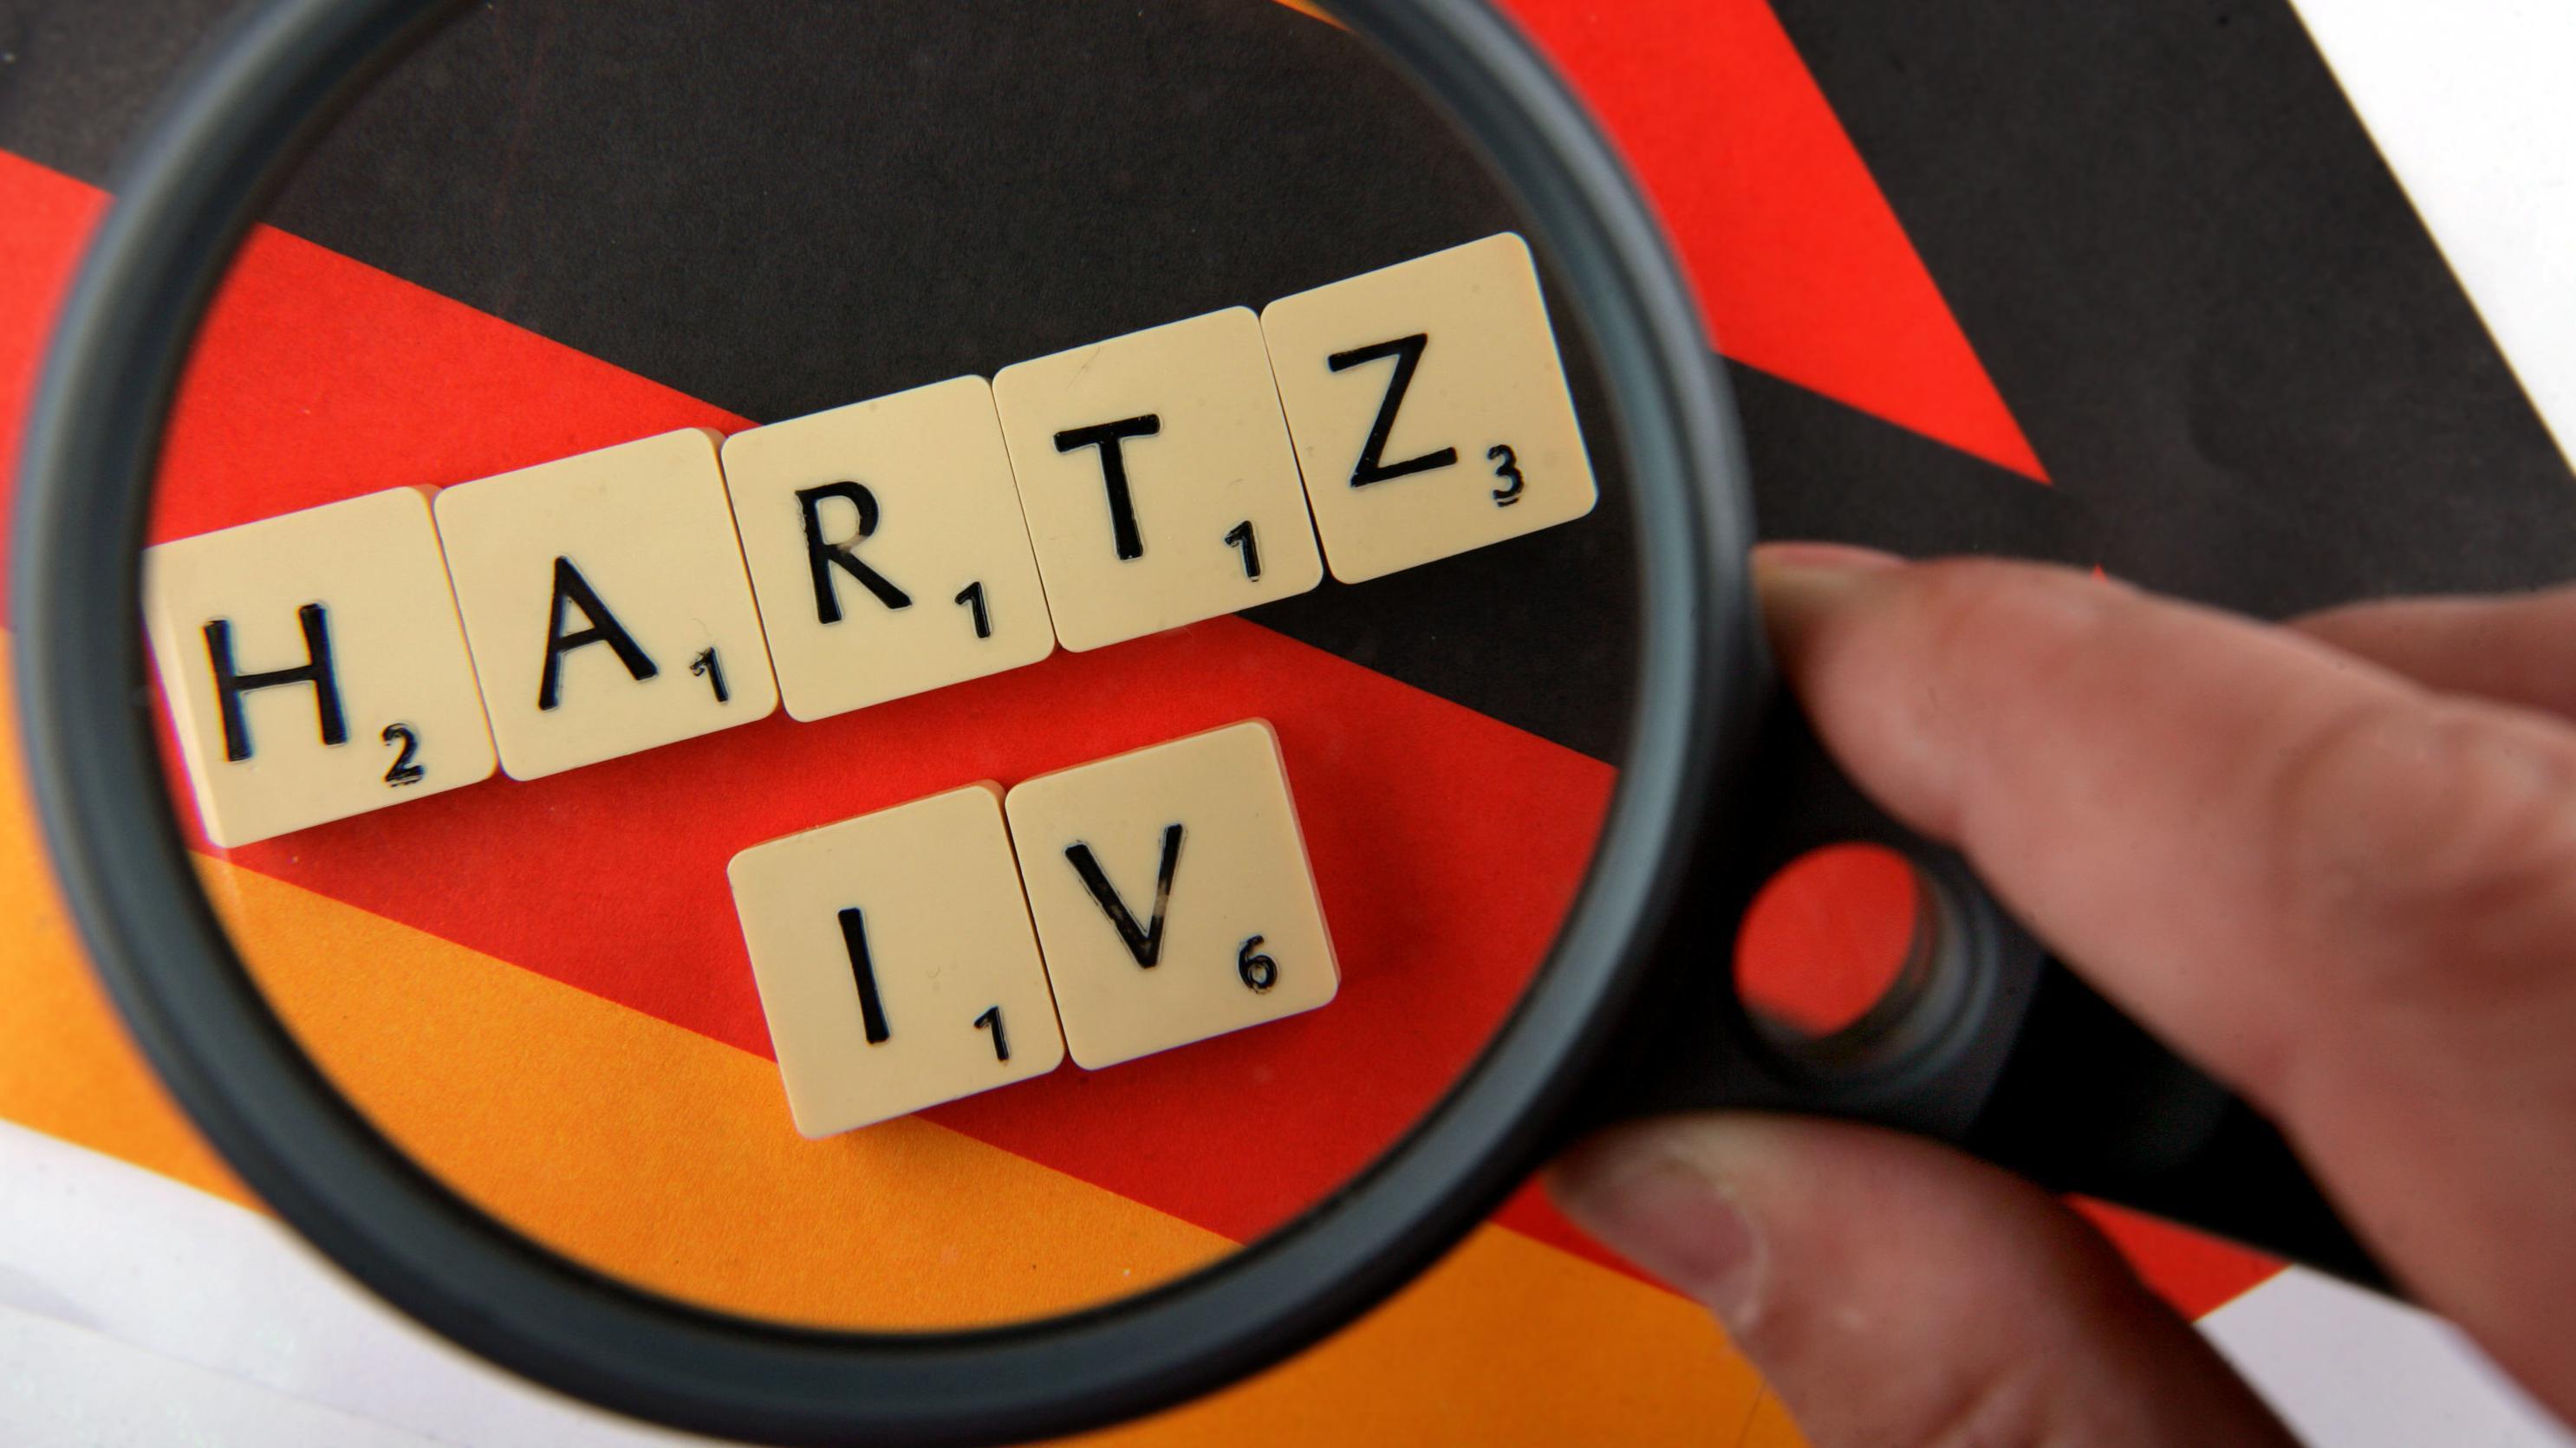 """""""Hartz IV""""-Schriftzug, mit Scrabble-Steinen gelegt, unter der Lupe"""